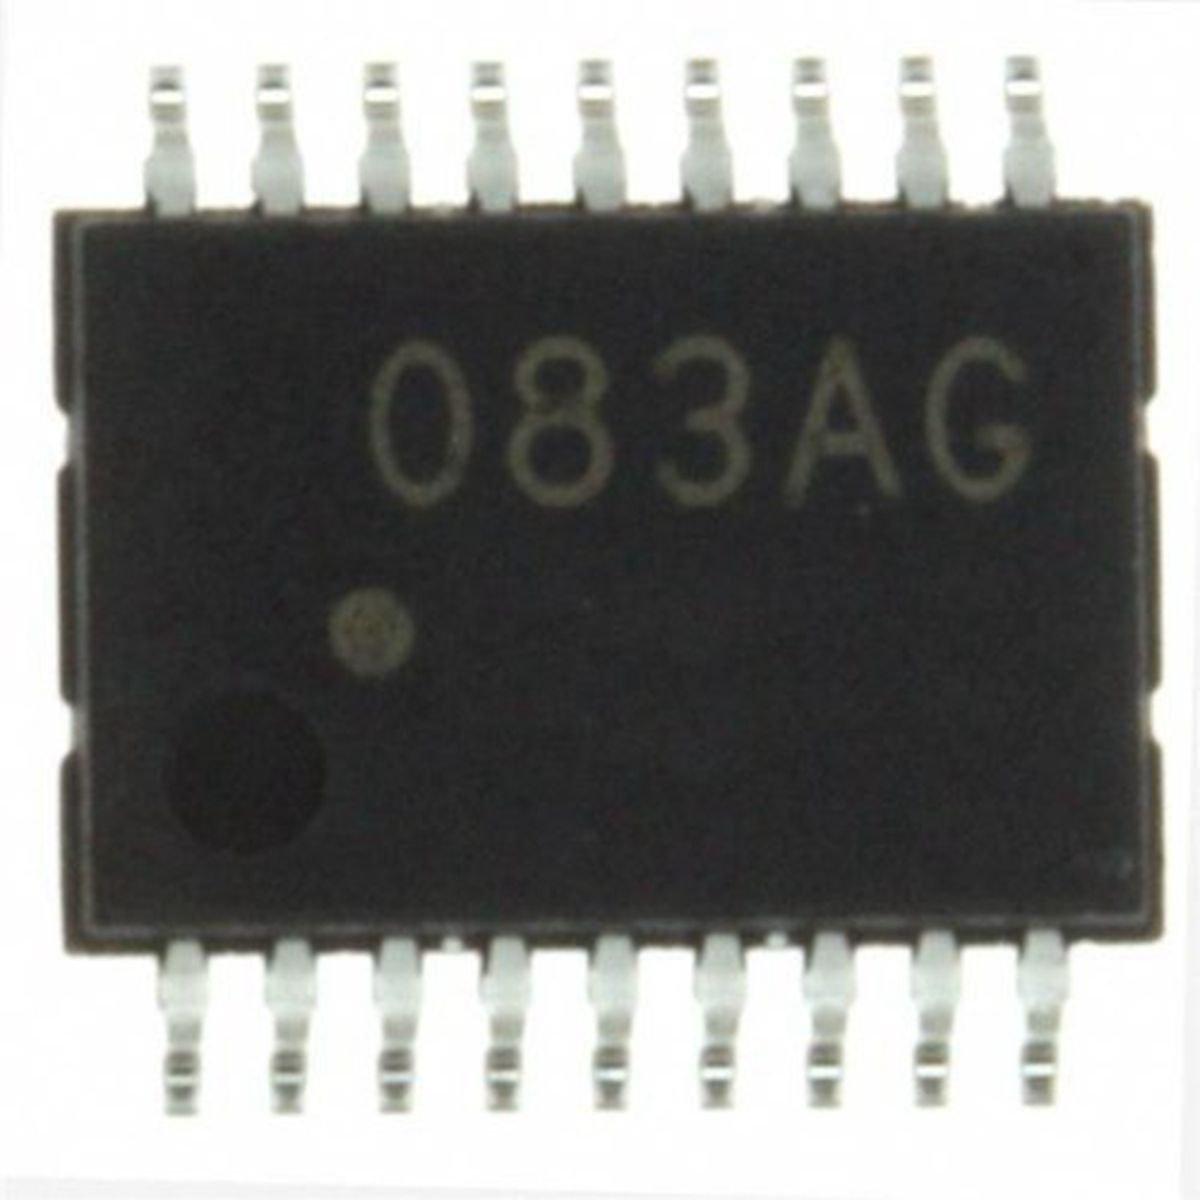 Toshiba Semiconductor TRANS 8NPN DARL 50V 0.5A ULN2803AFWG 18SOL ULN2803AFWG,C,EL (50 PCS)